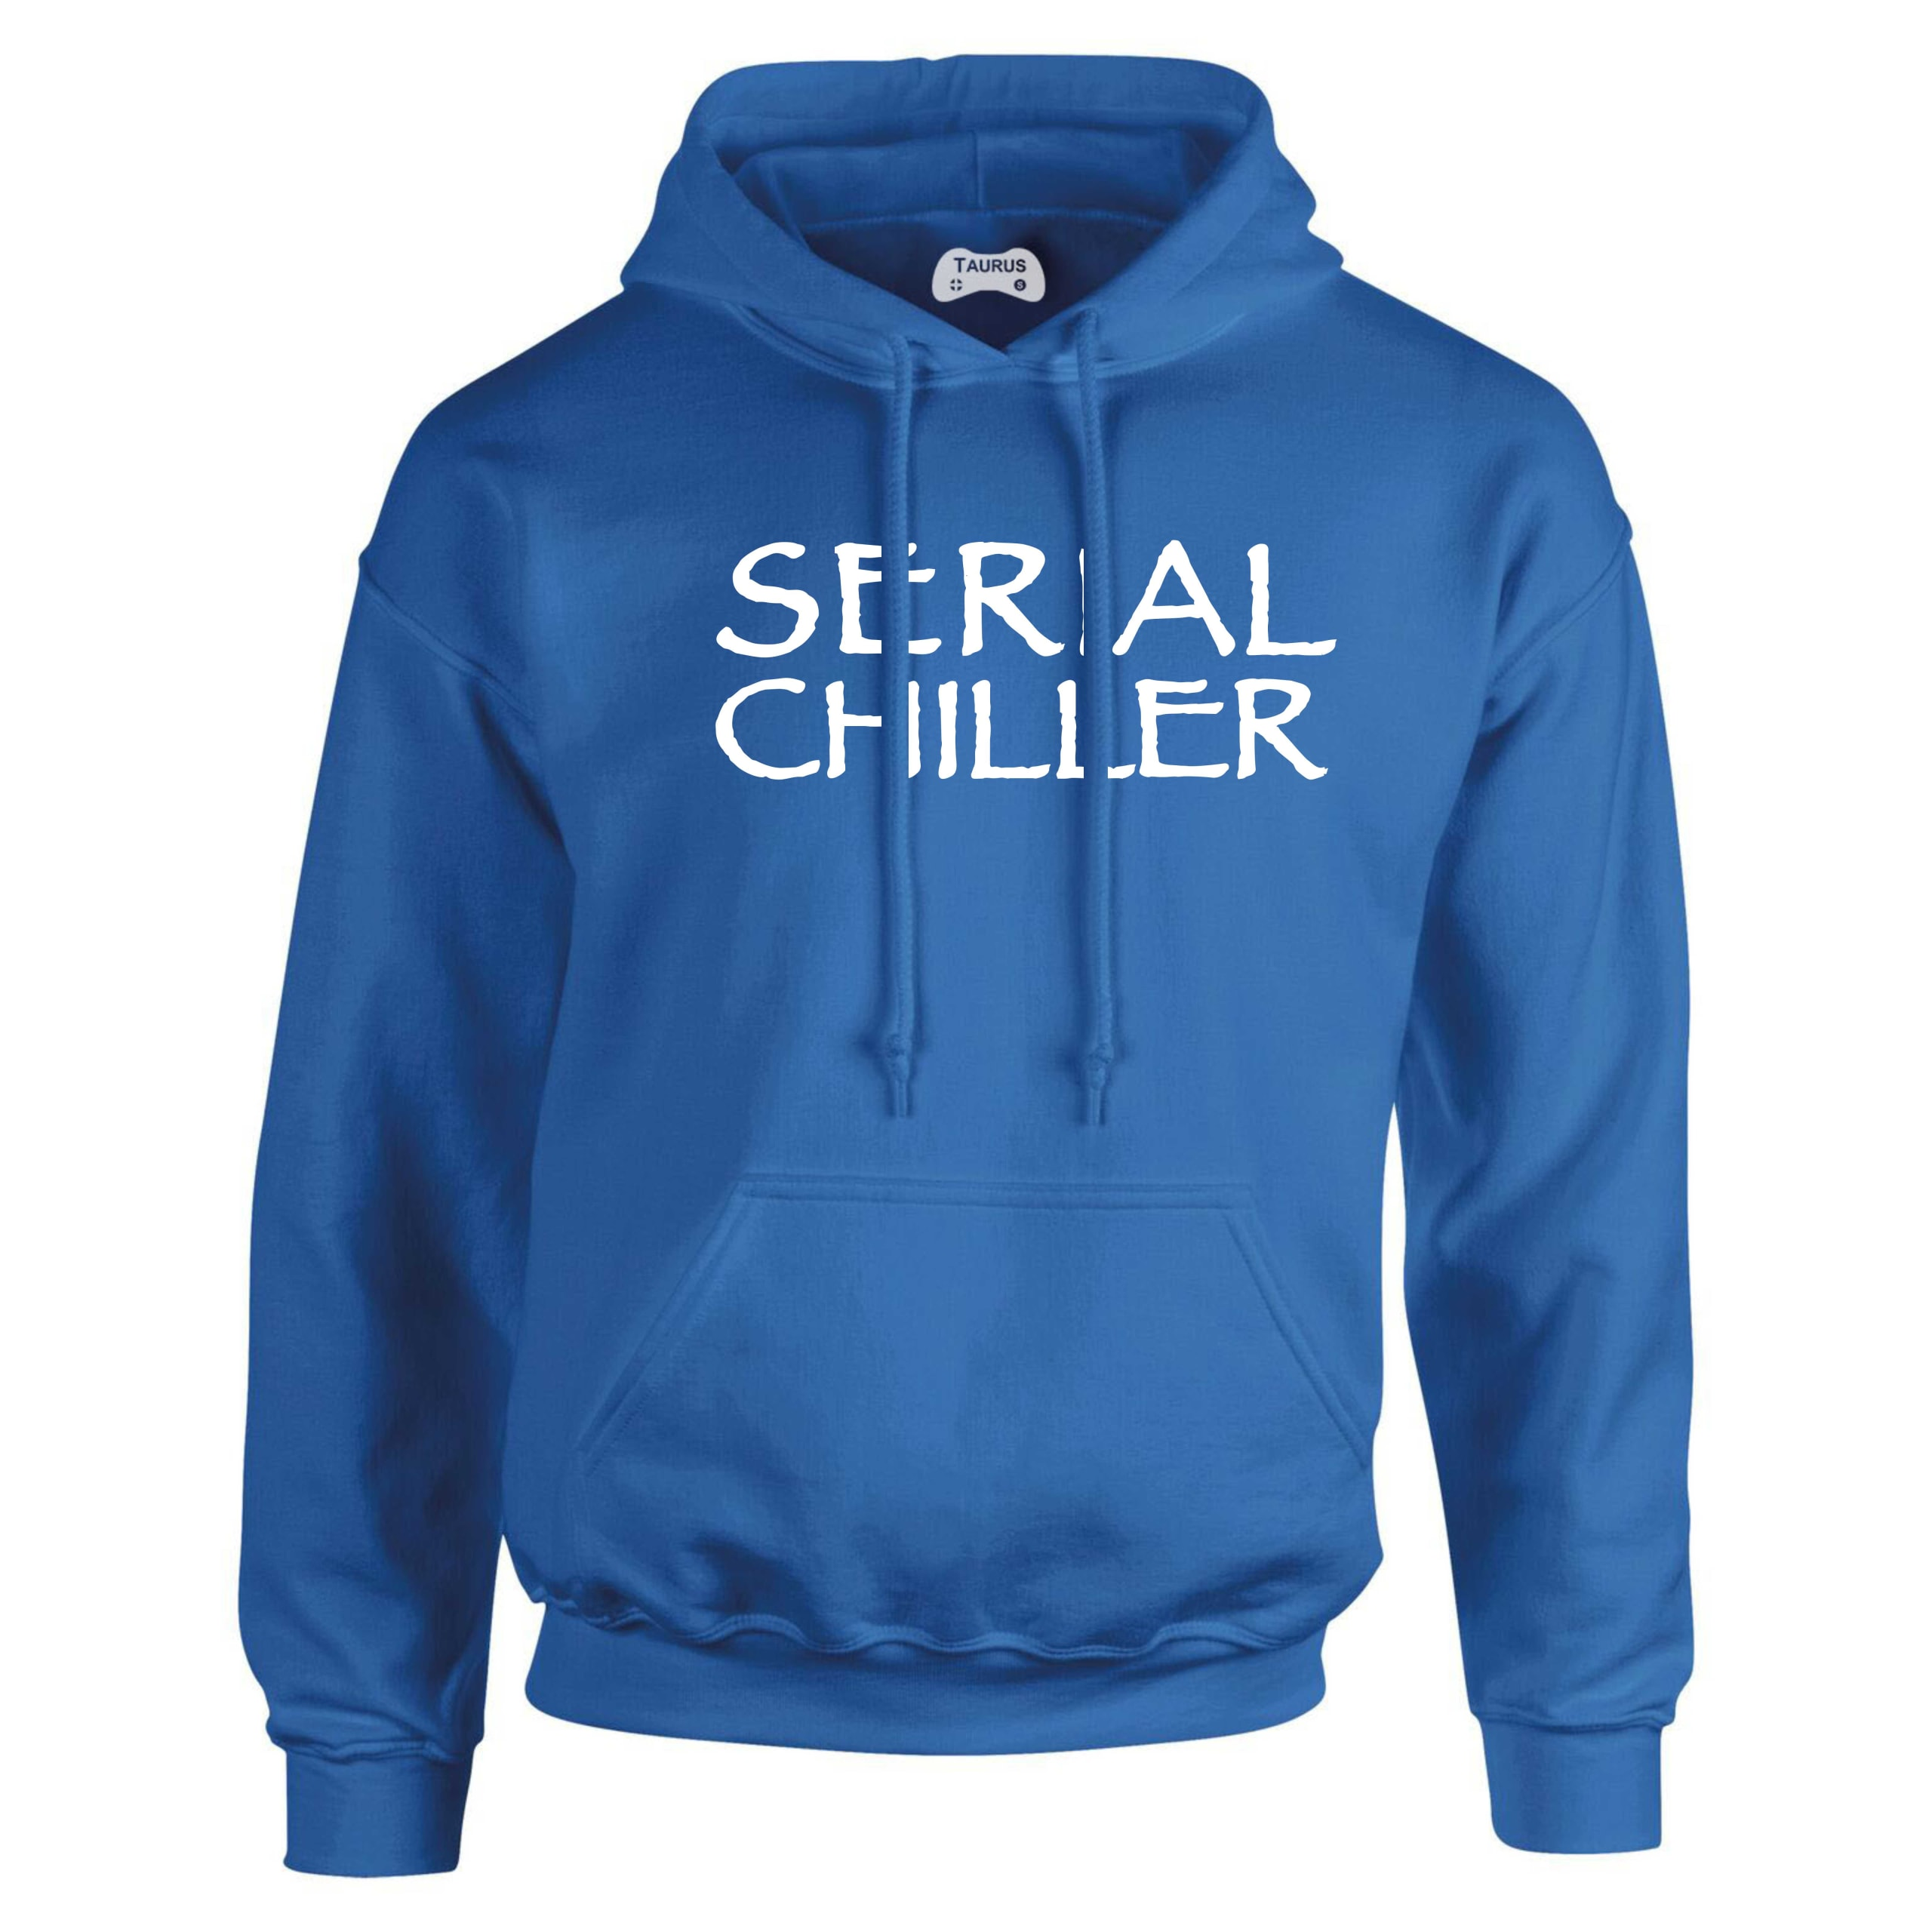 Serial Chiller Hoodie